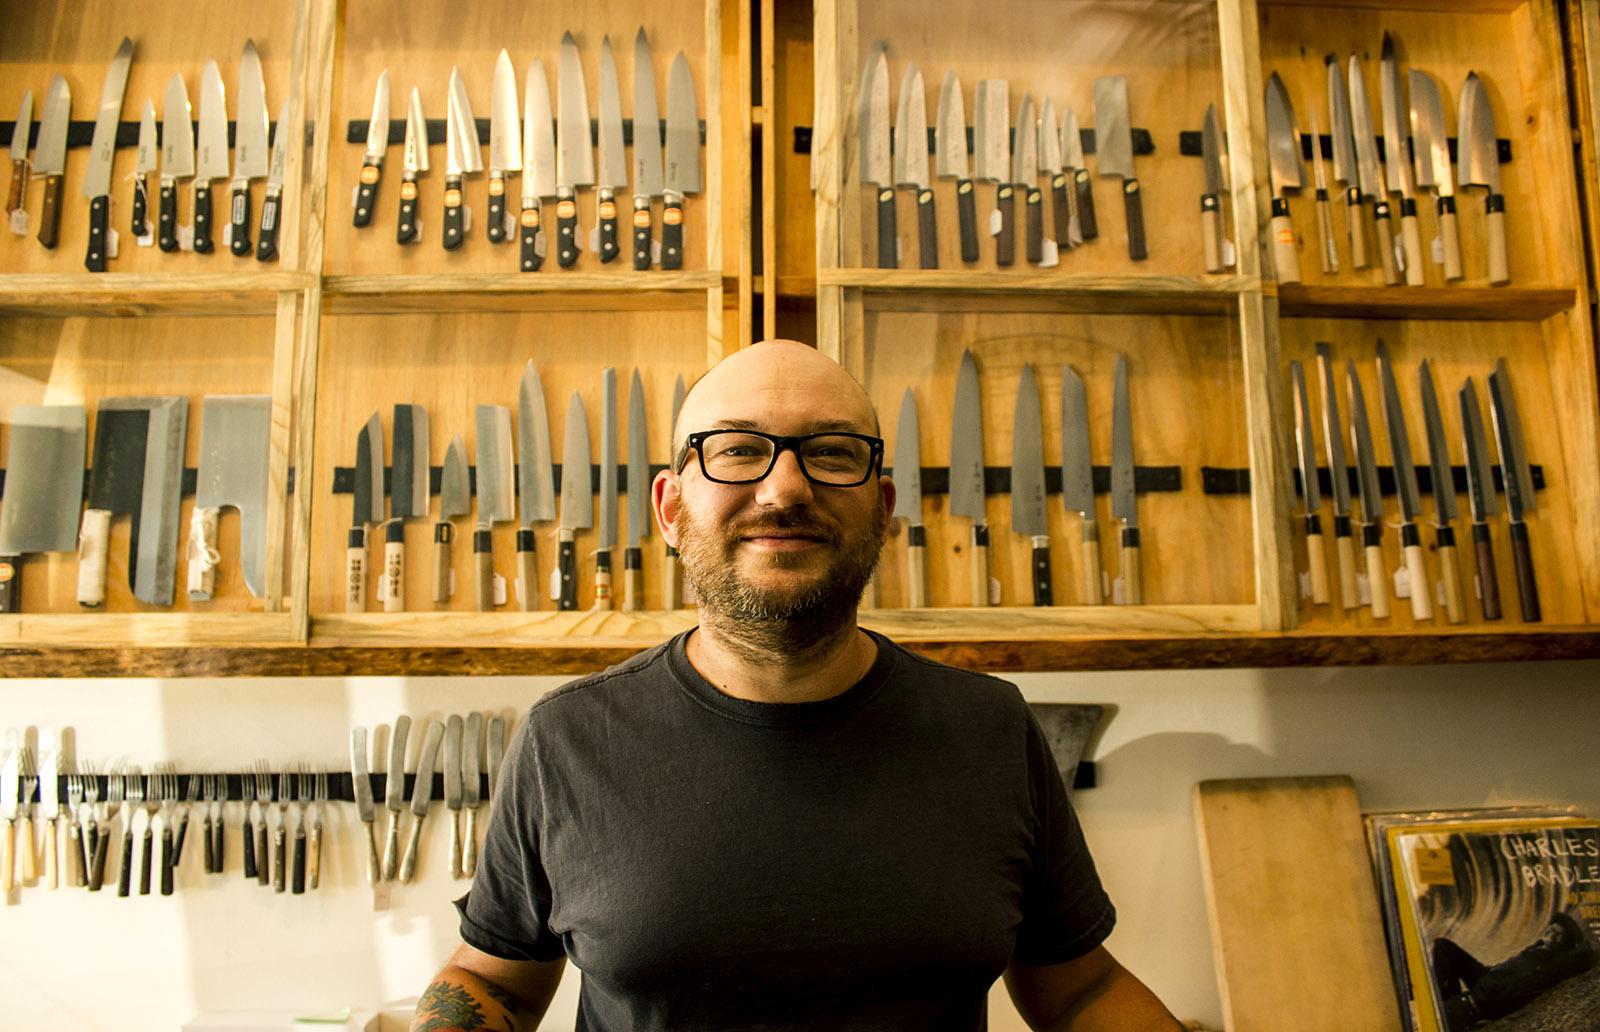 VIDEO: Bernal Cutlery sharpens up